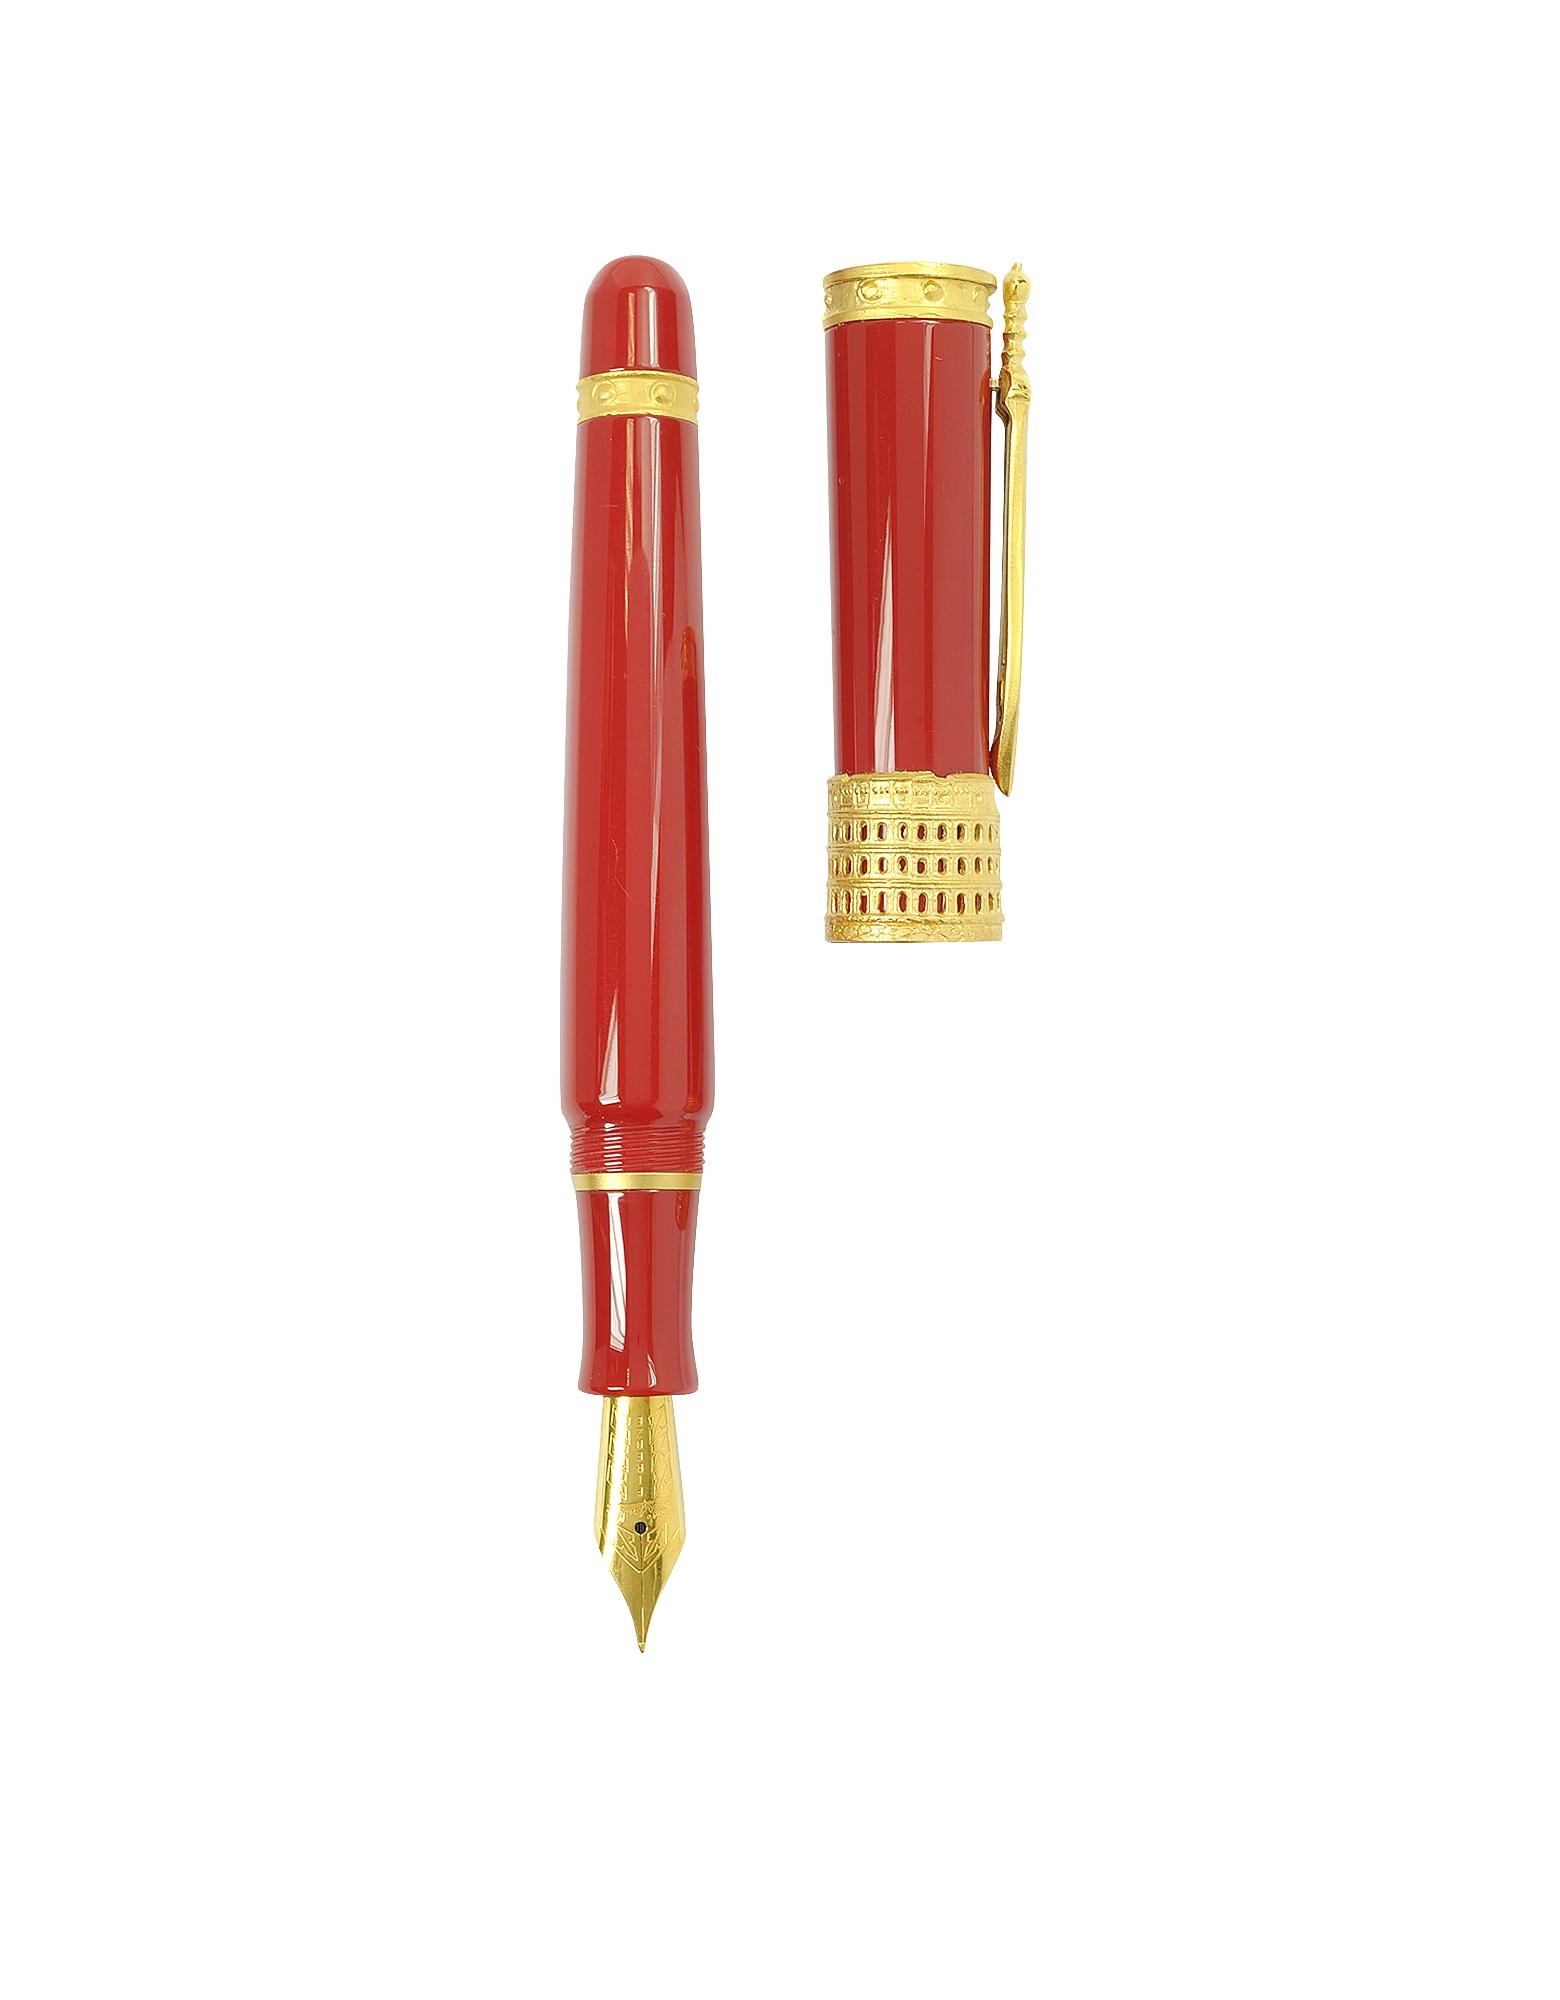 Gladiator - Красная Перьевая Ручка из Смолы